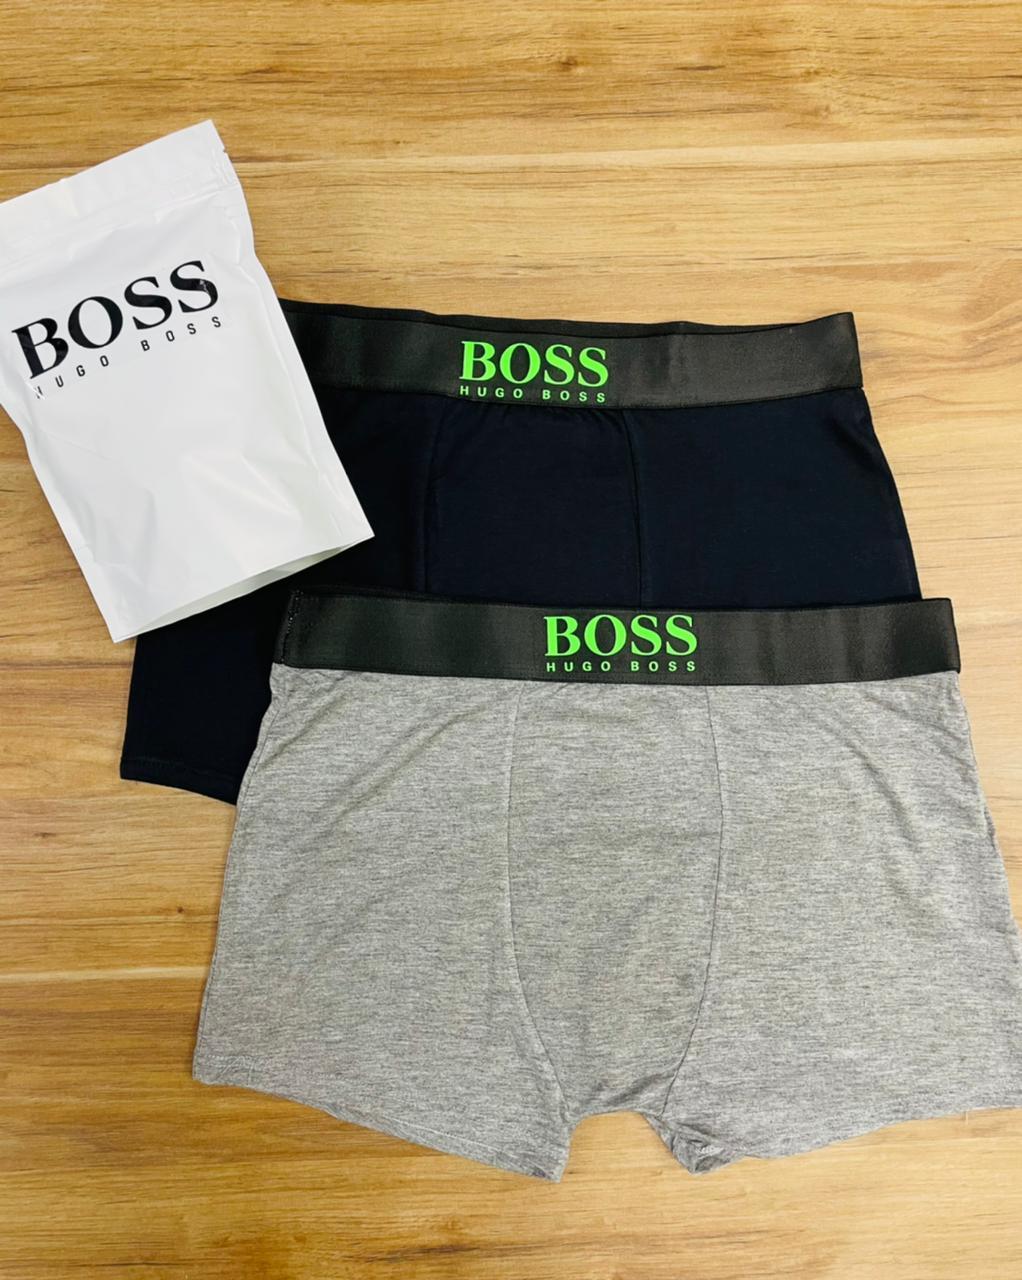 Pack 2 Cueca Box Hugo Boss